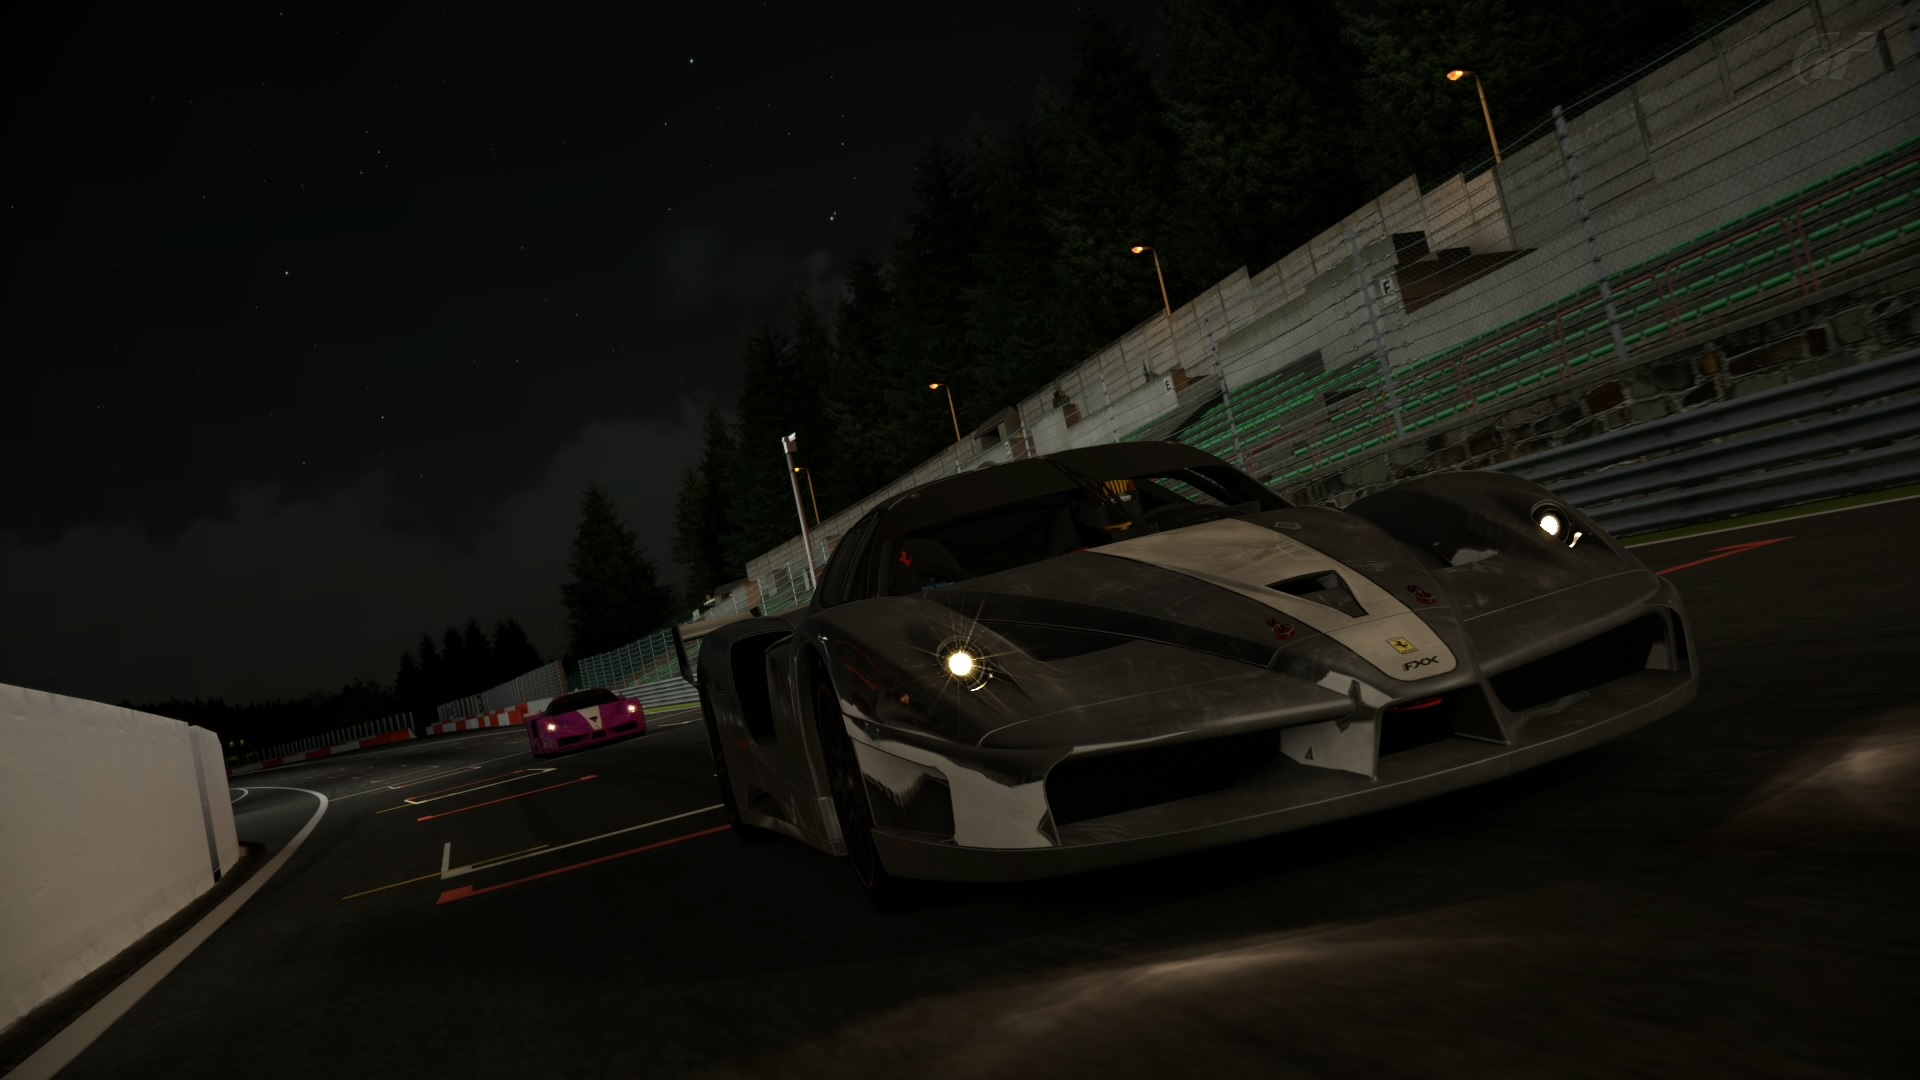 Neniko_18 se proclama campeón de la última Temporada de Gran Turismo 6 en CGC Foto1f10